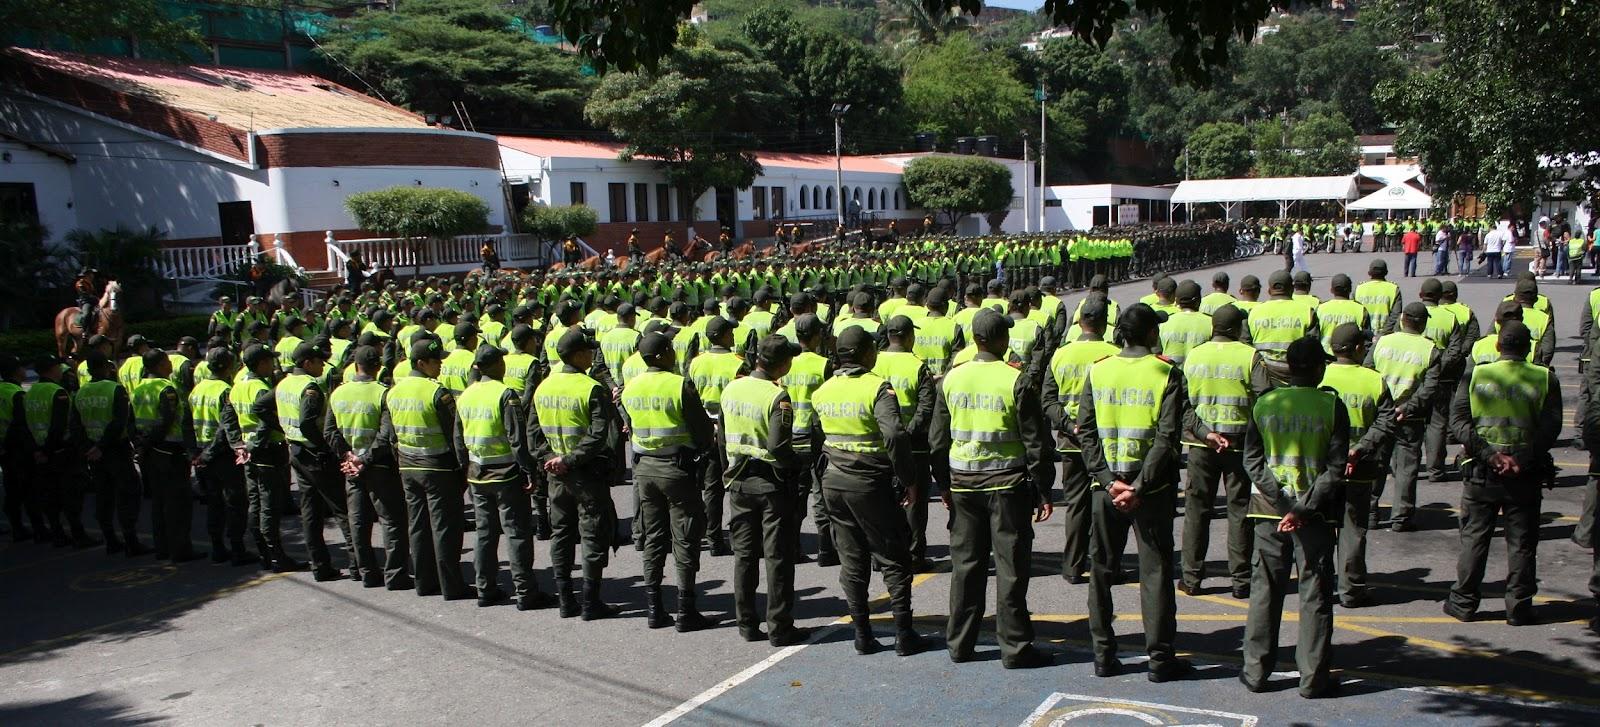 Tomada de villanoticias.blogspot.com